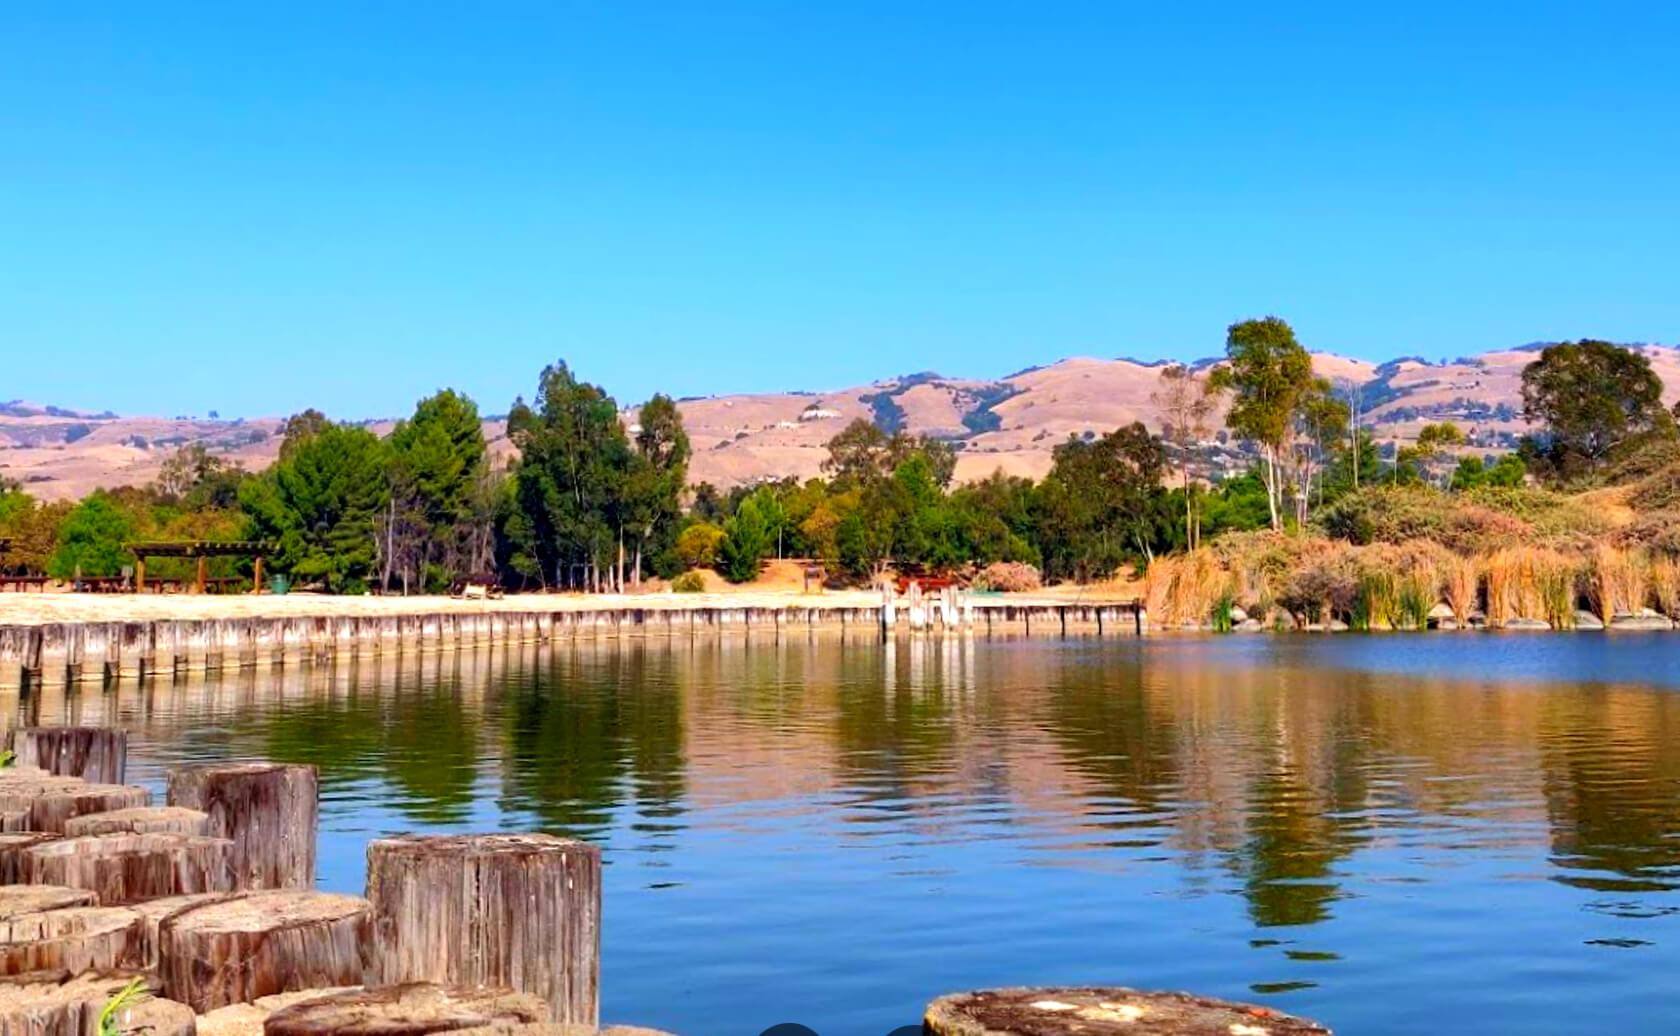 Lake-Cunningham-Fishing-Guide-Report-San-Jose-CA-01 Copy 2